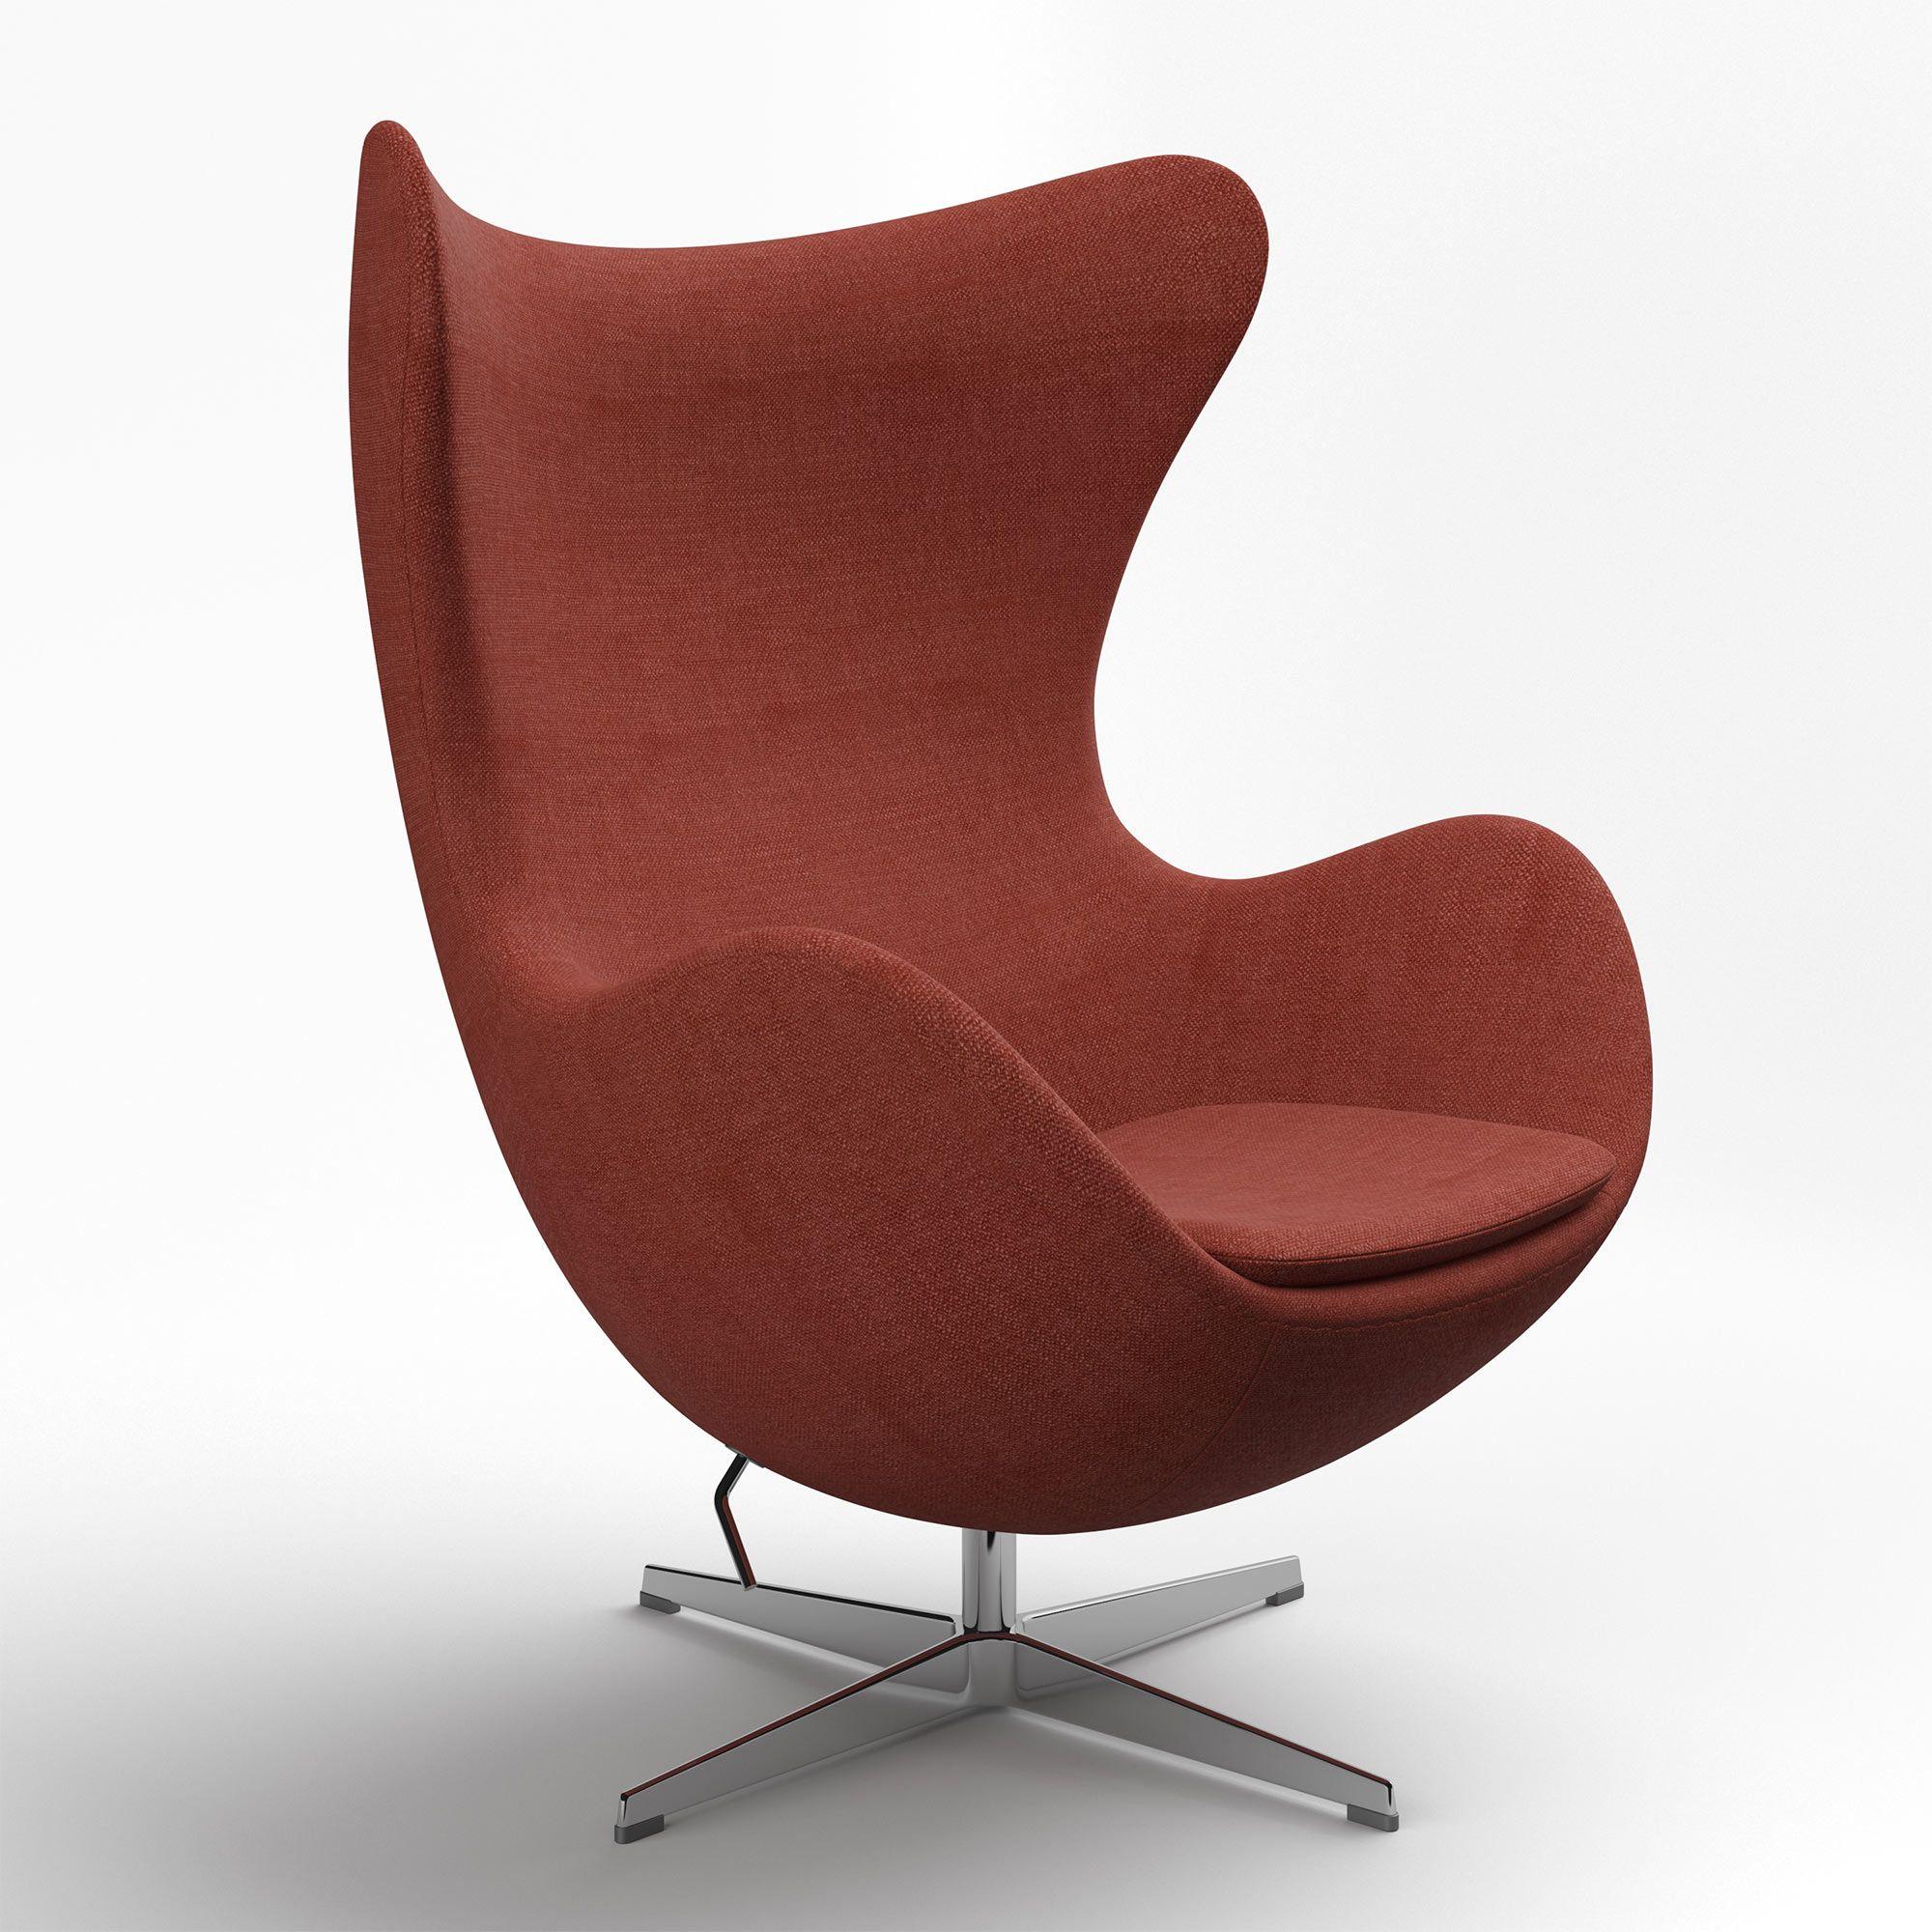 Jacobsen Egg Chair Egg chair, Chair, Upholstered swivel